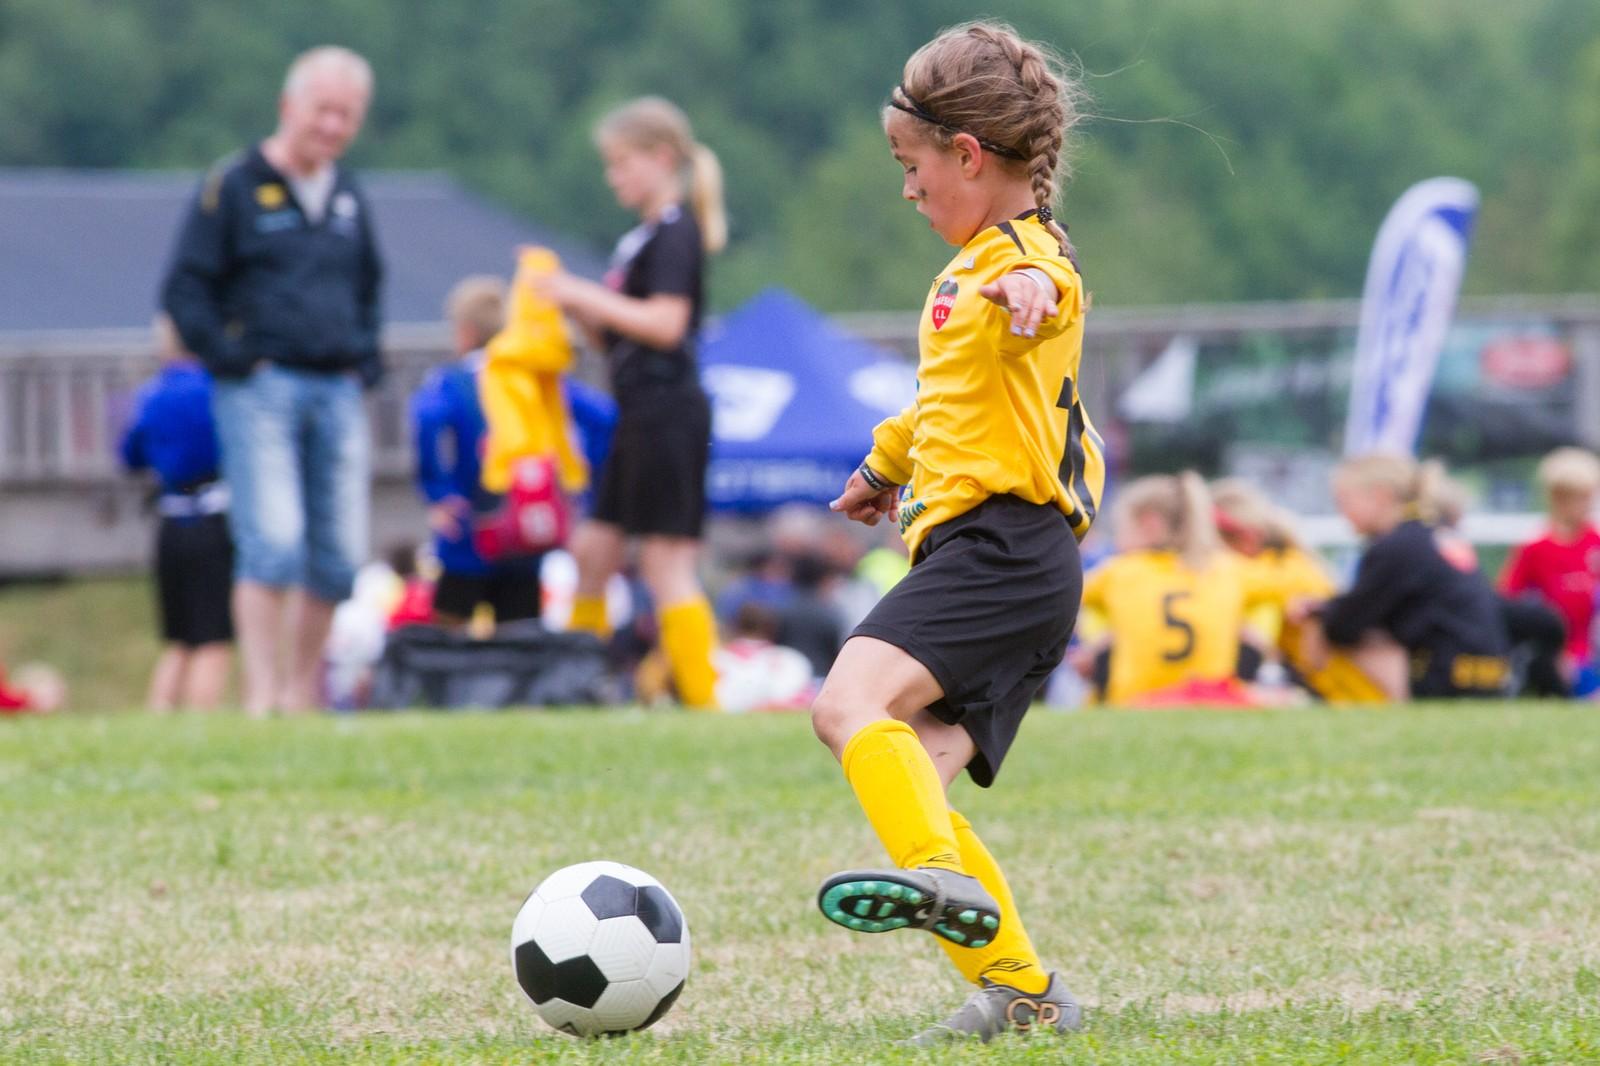 Fotballspelarane er i alderen 10 til 14 år.